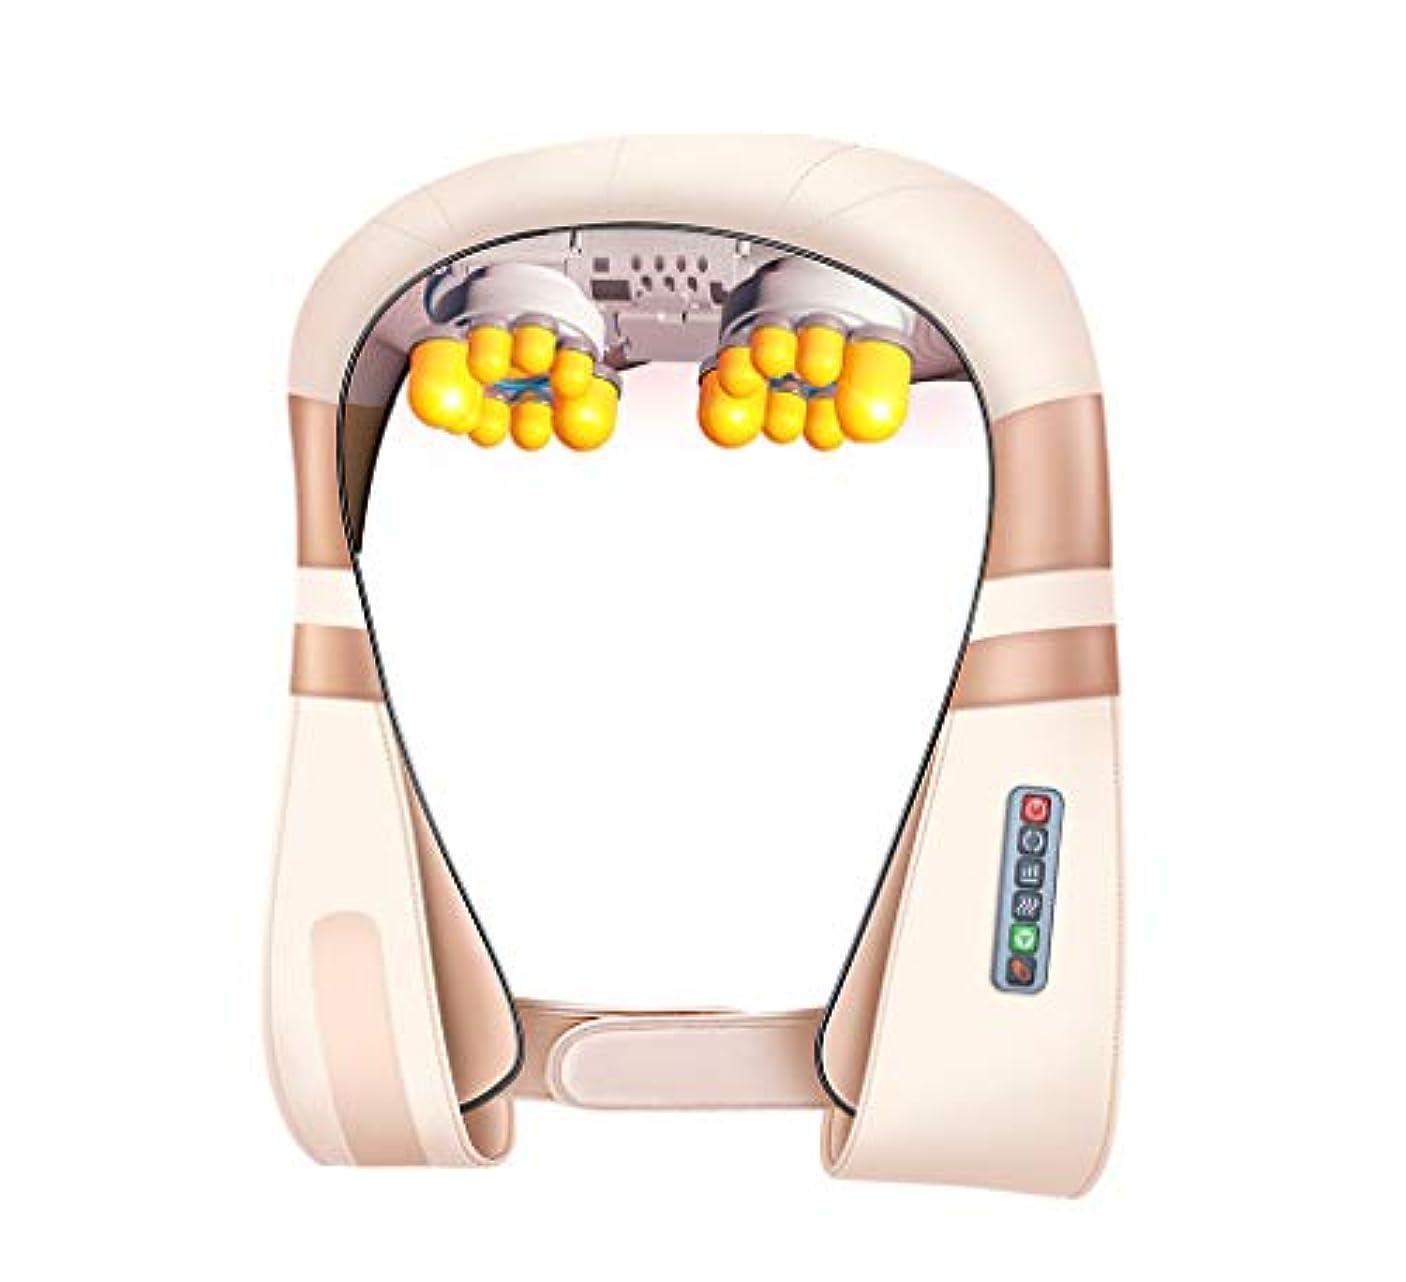 マニフェストリフトナチュラ多機能8d ショルダーマッサージ, 車/ホームネック, 肩, ウエスト, 脚, 腕, 腹部電気マッサージ頸部温水ショール, 新しいアップグレード